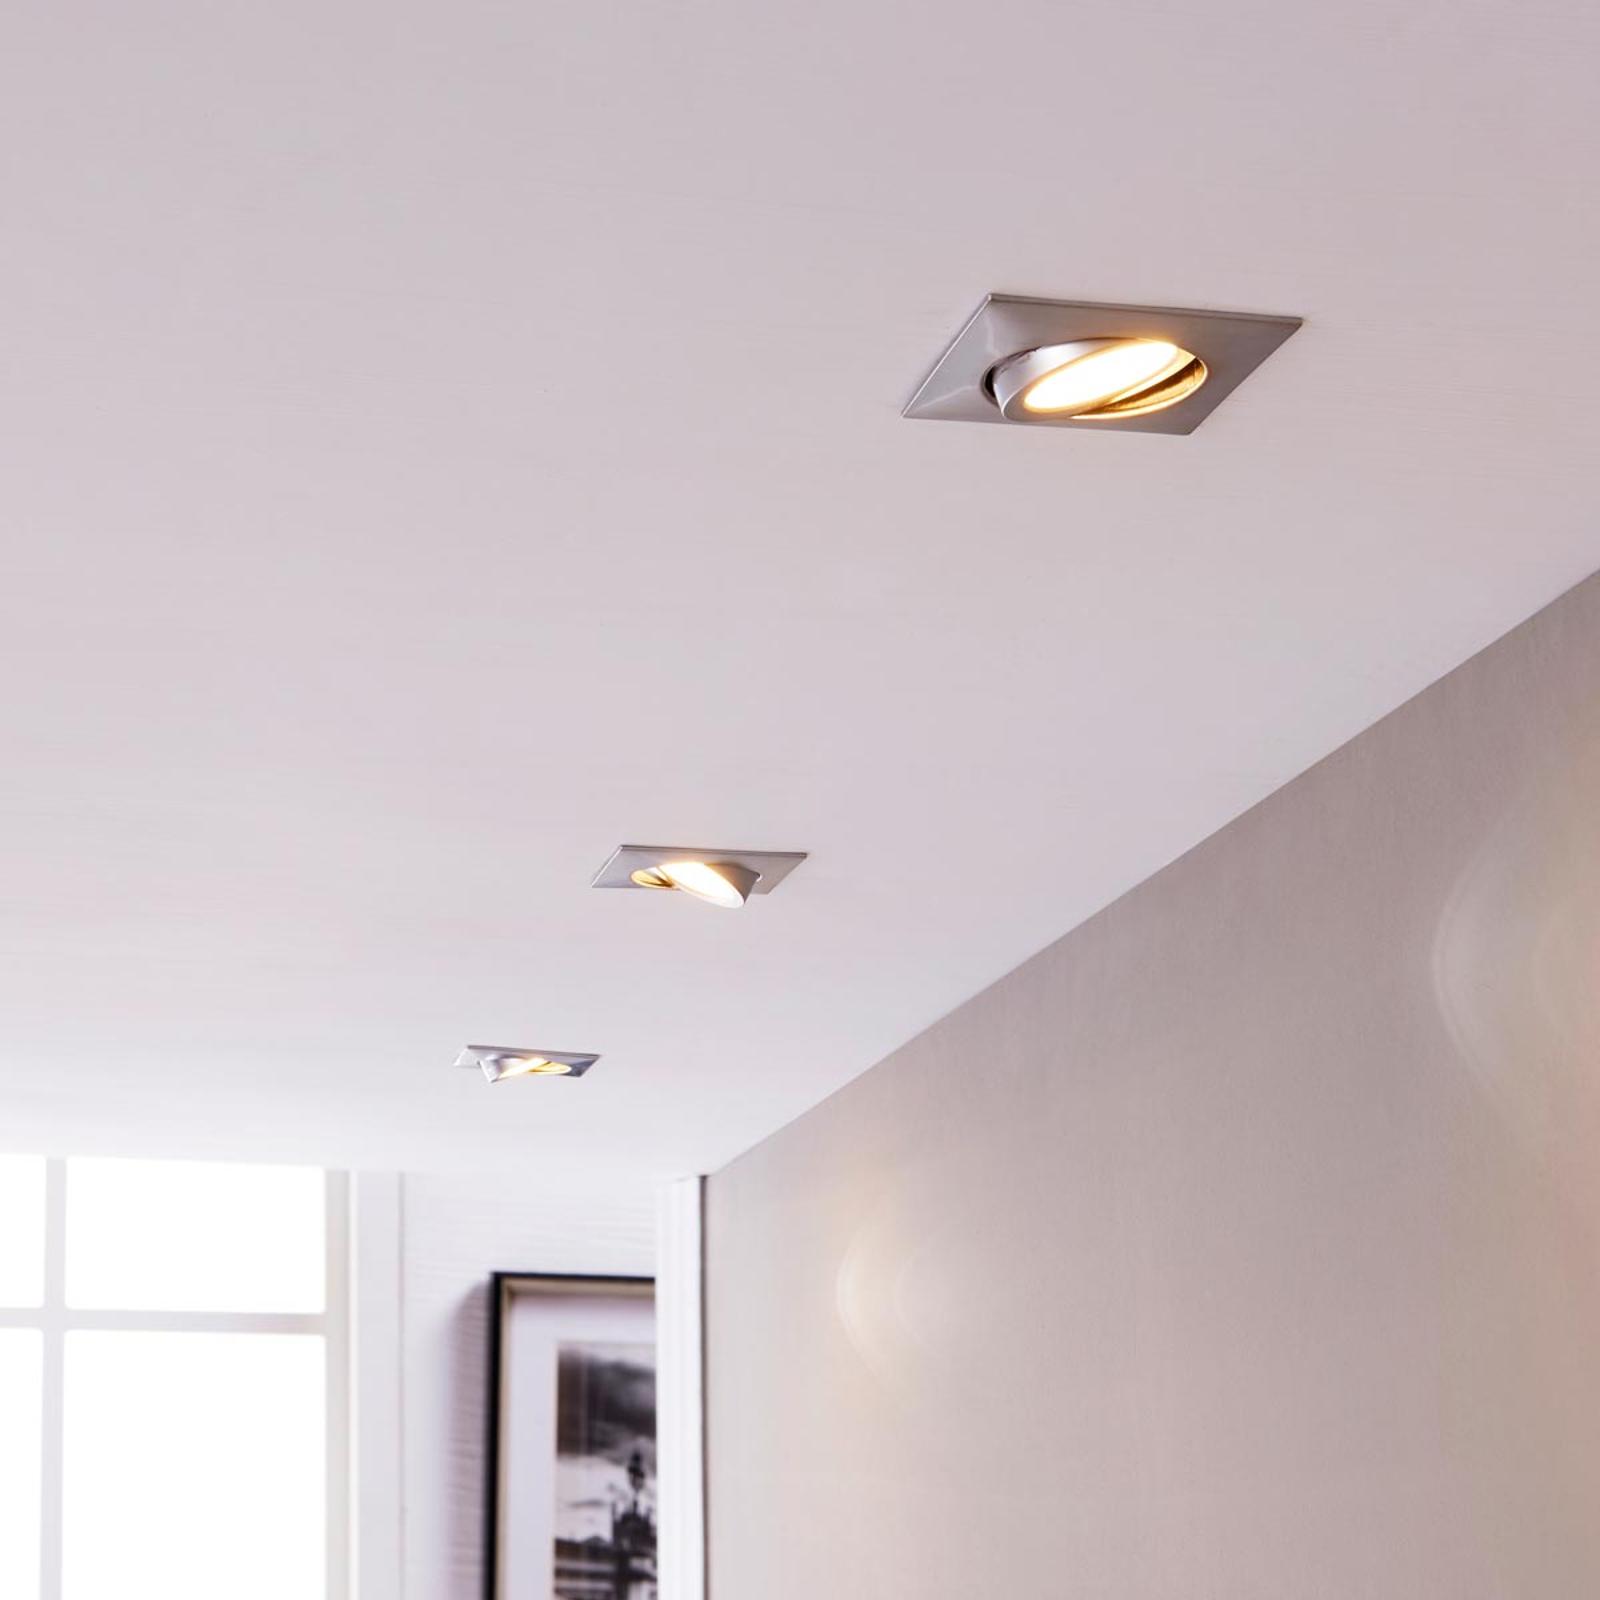 Lampes LED encastrées chromé rectangulaires par 3